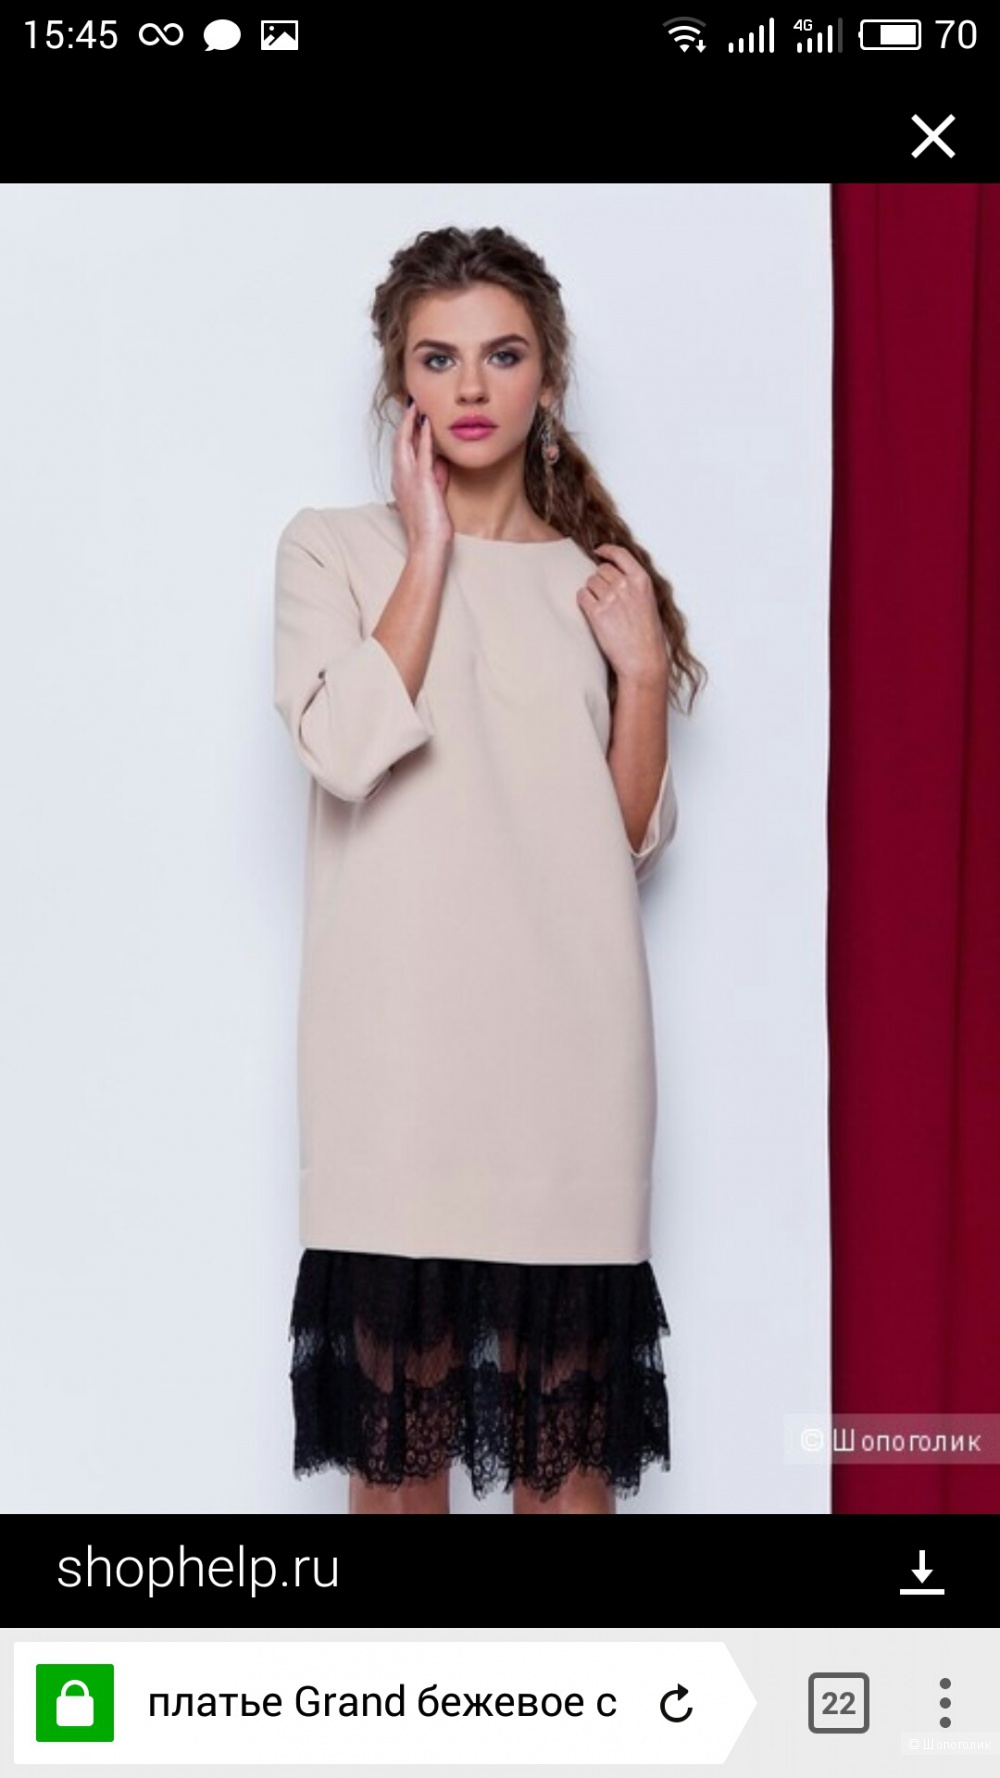 Бежевое платье Grand, 46 размер